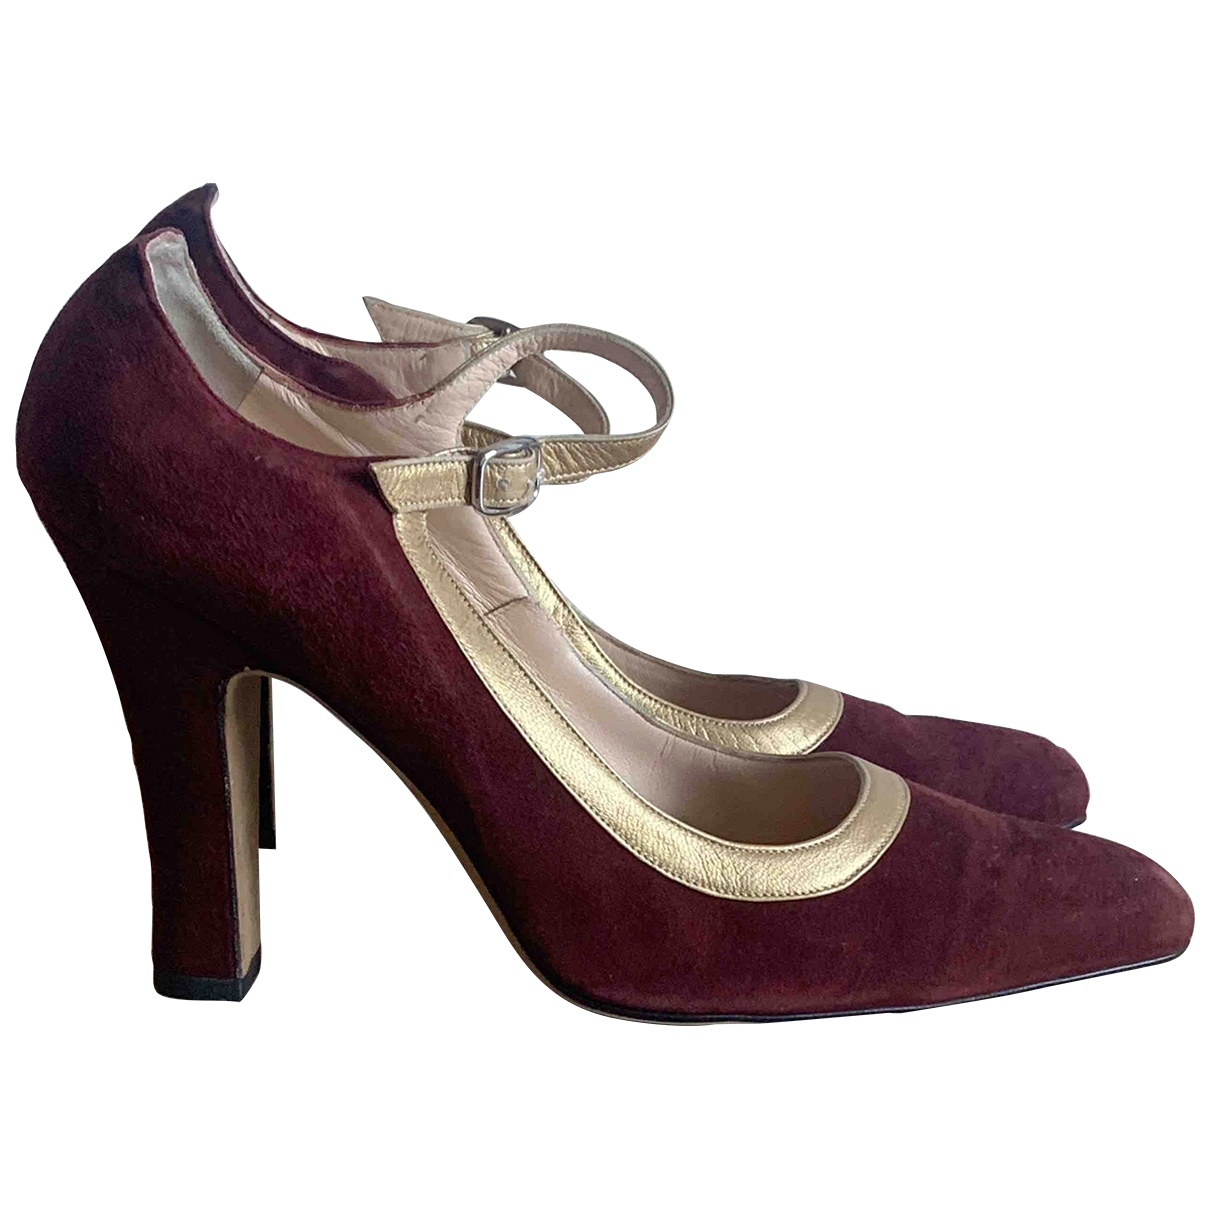 Manolo Blahnik \N Burgundy Suede Heels for Women 38.5 EU